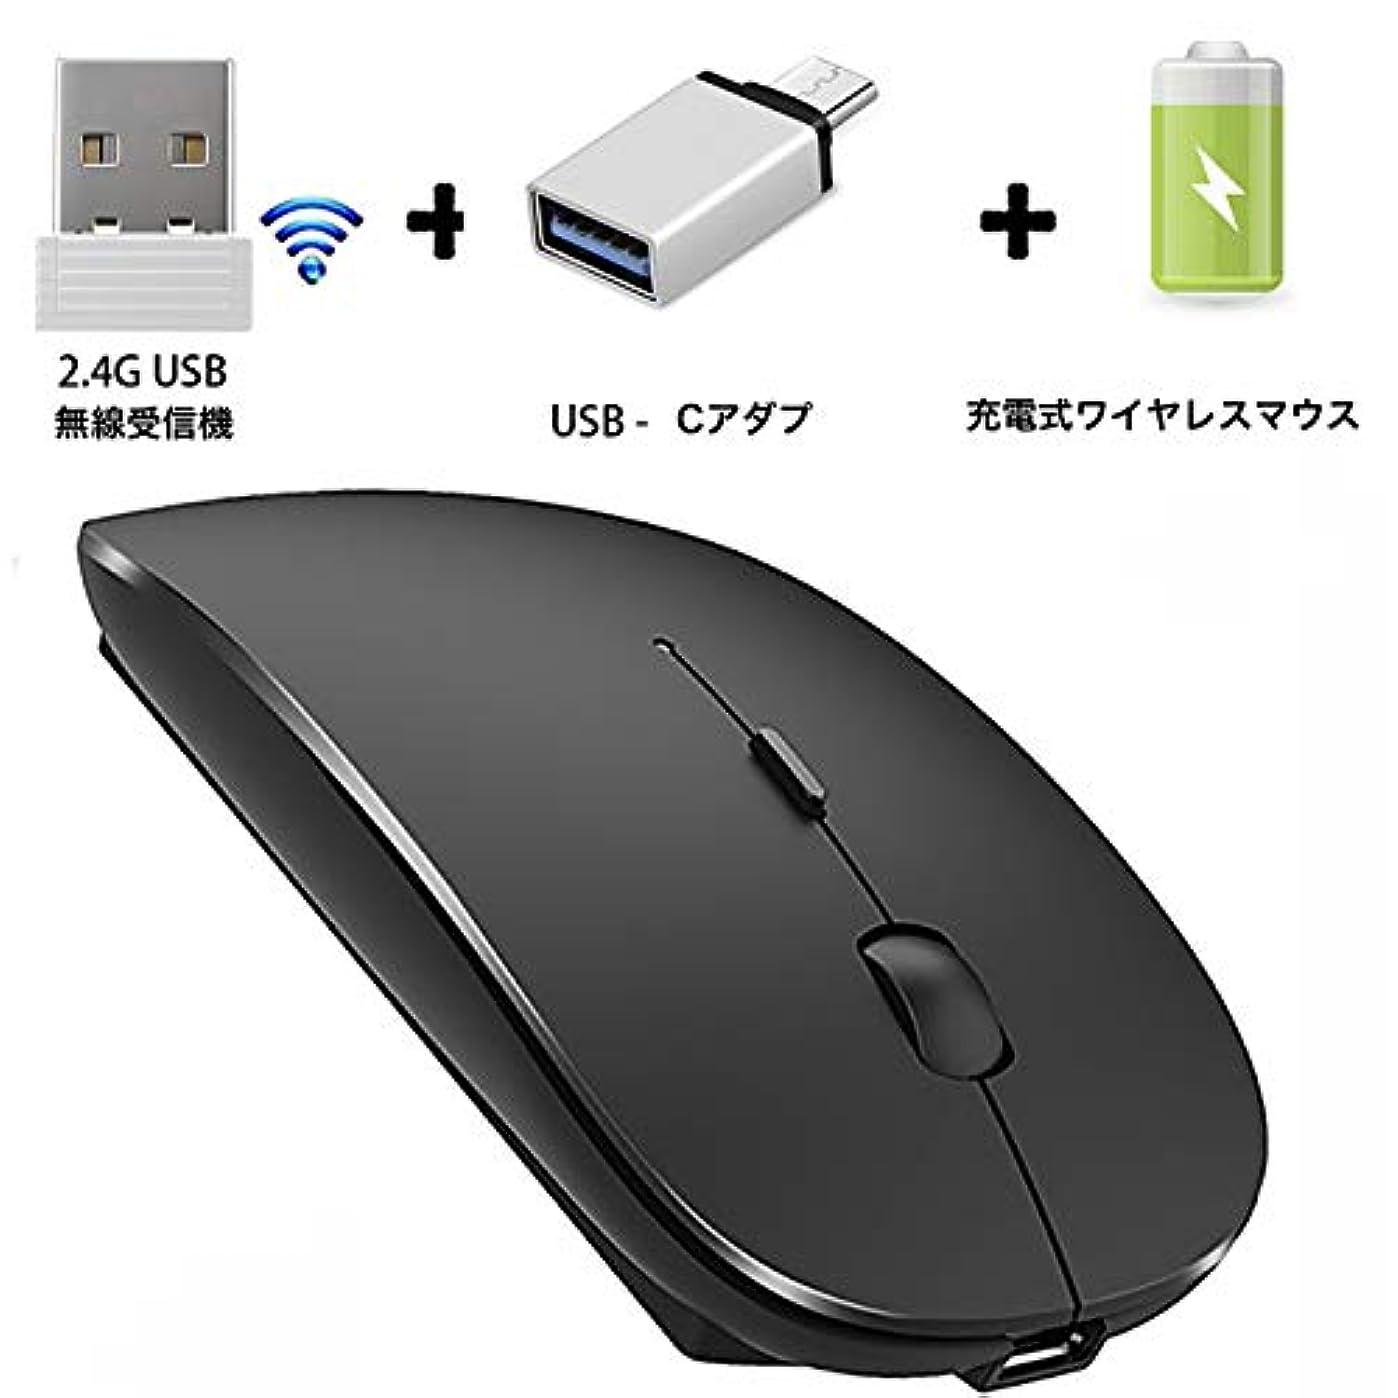 先見の明差し引く受信無線マウス 充電式 適用する Macbook Windows ノートパソコン デスクトップパソコン